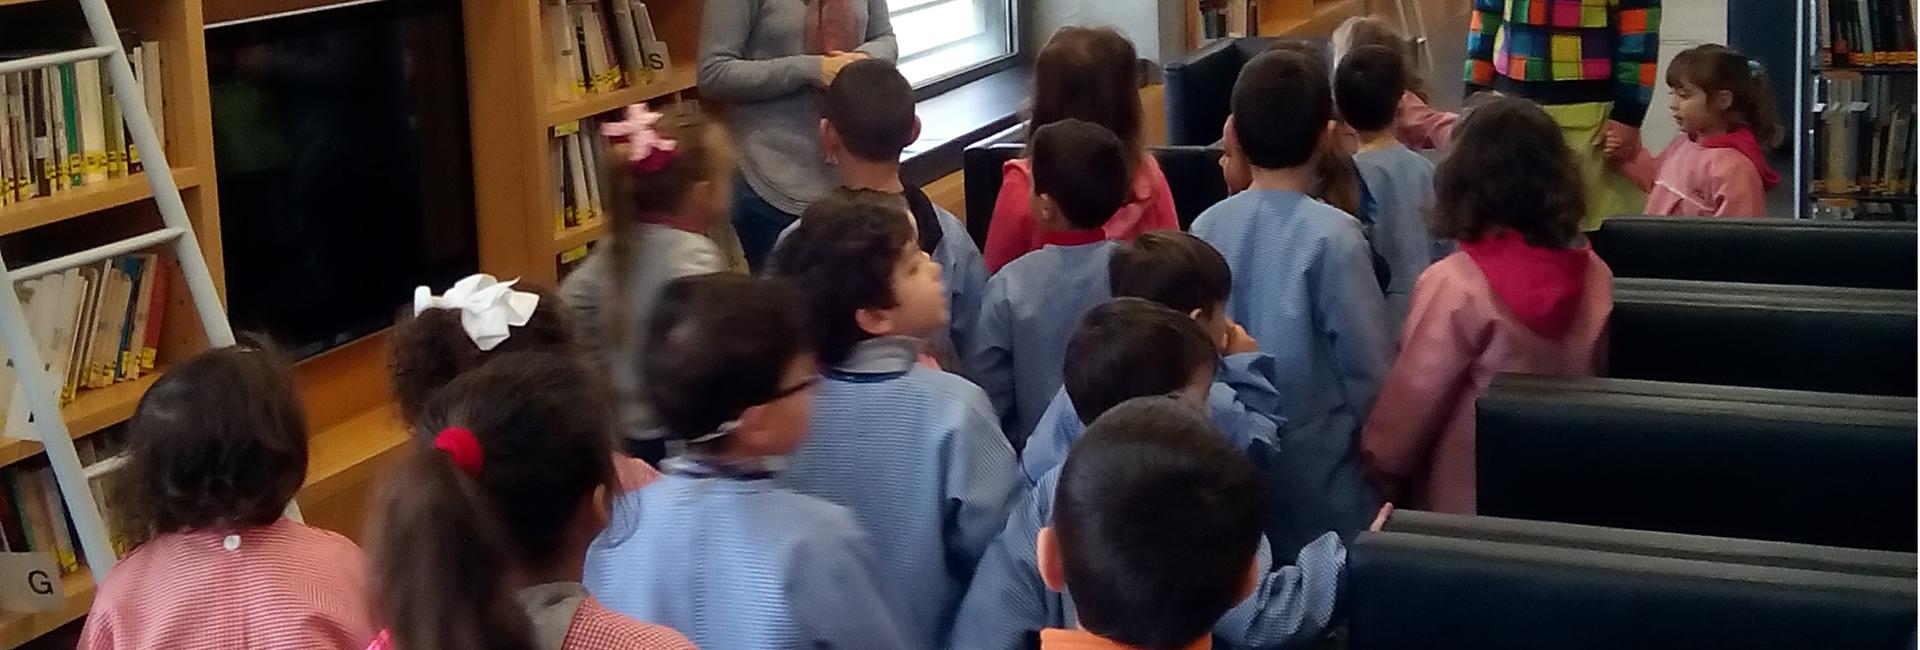 Visita Guiada à Biblioteca Municipal